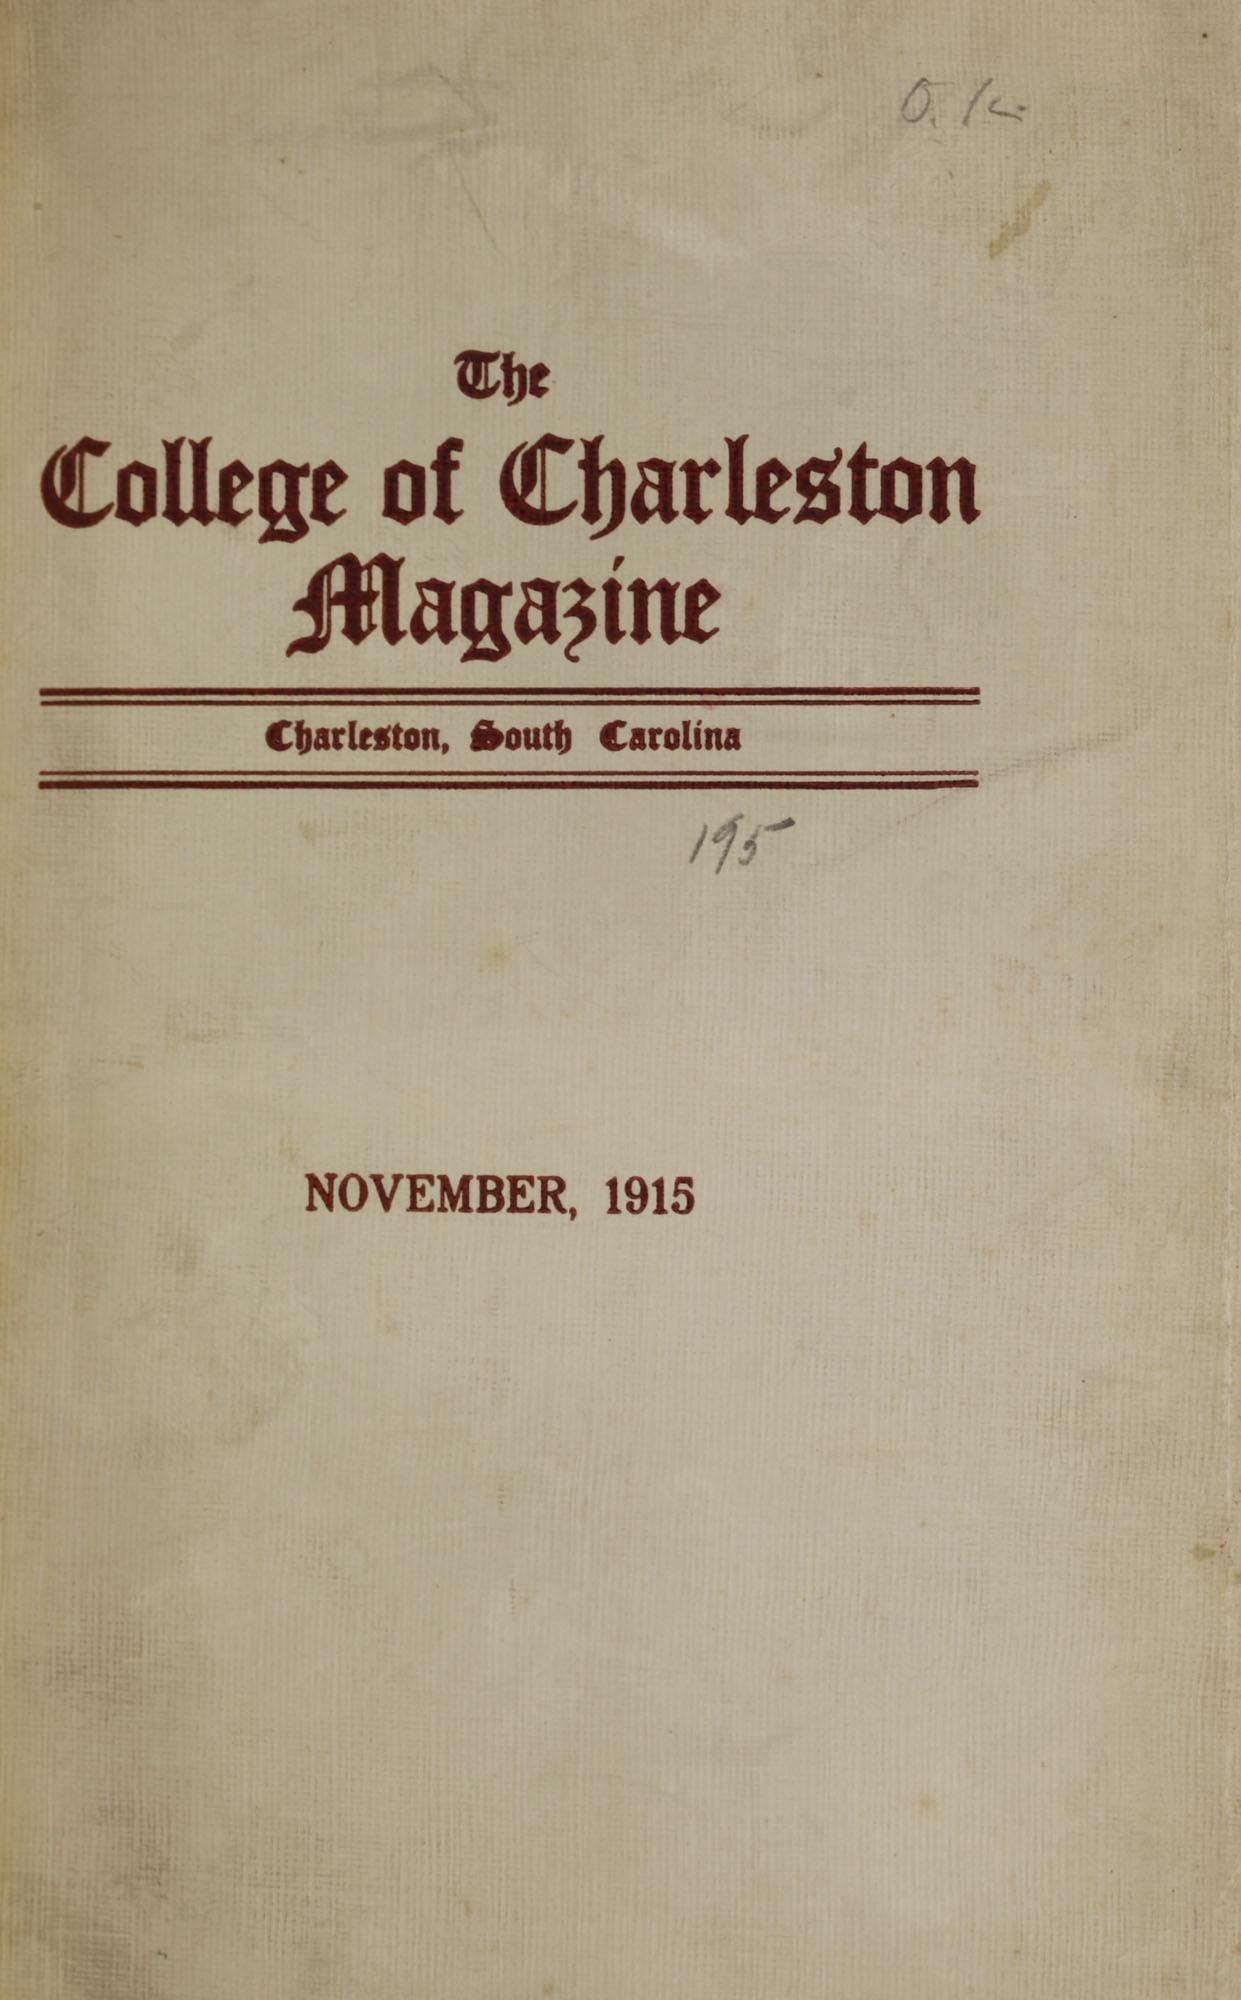 College of Charleston Magazine, 1915-1916